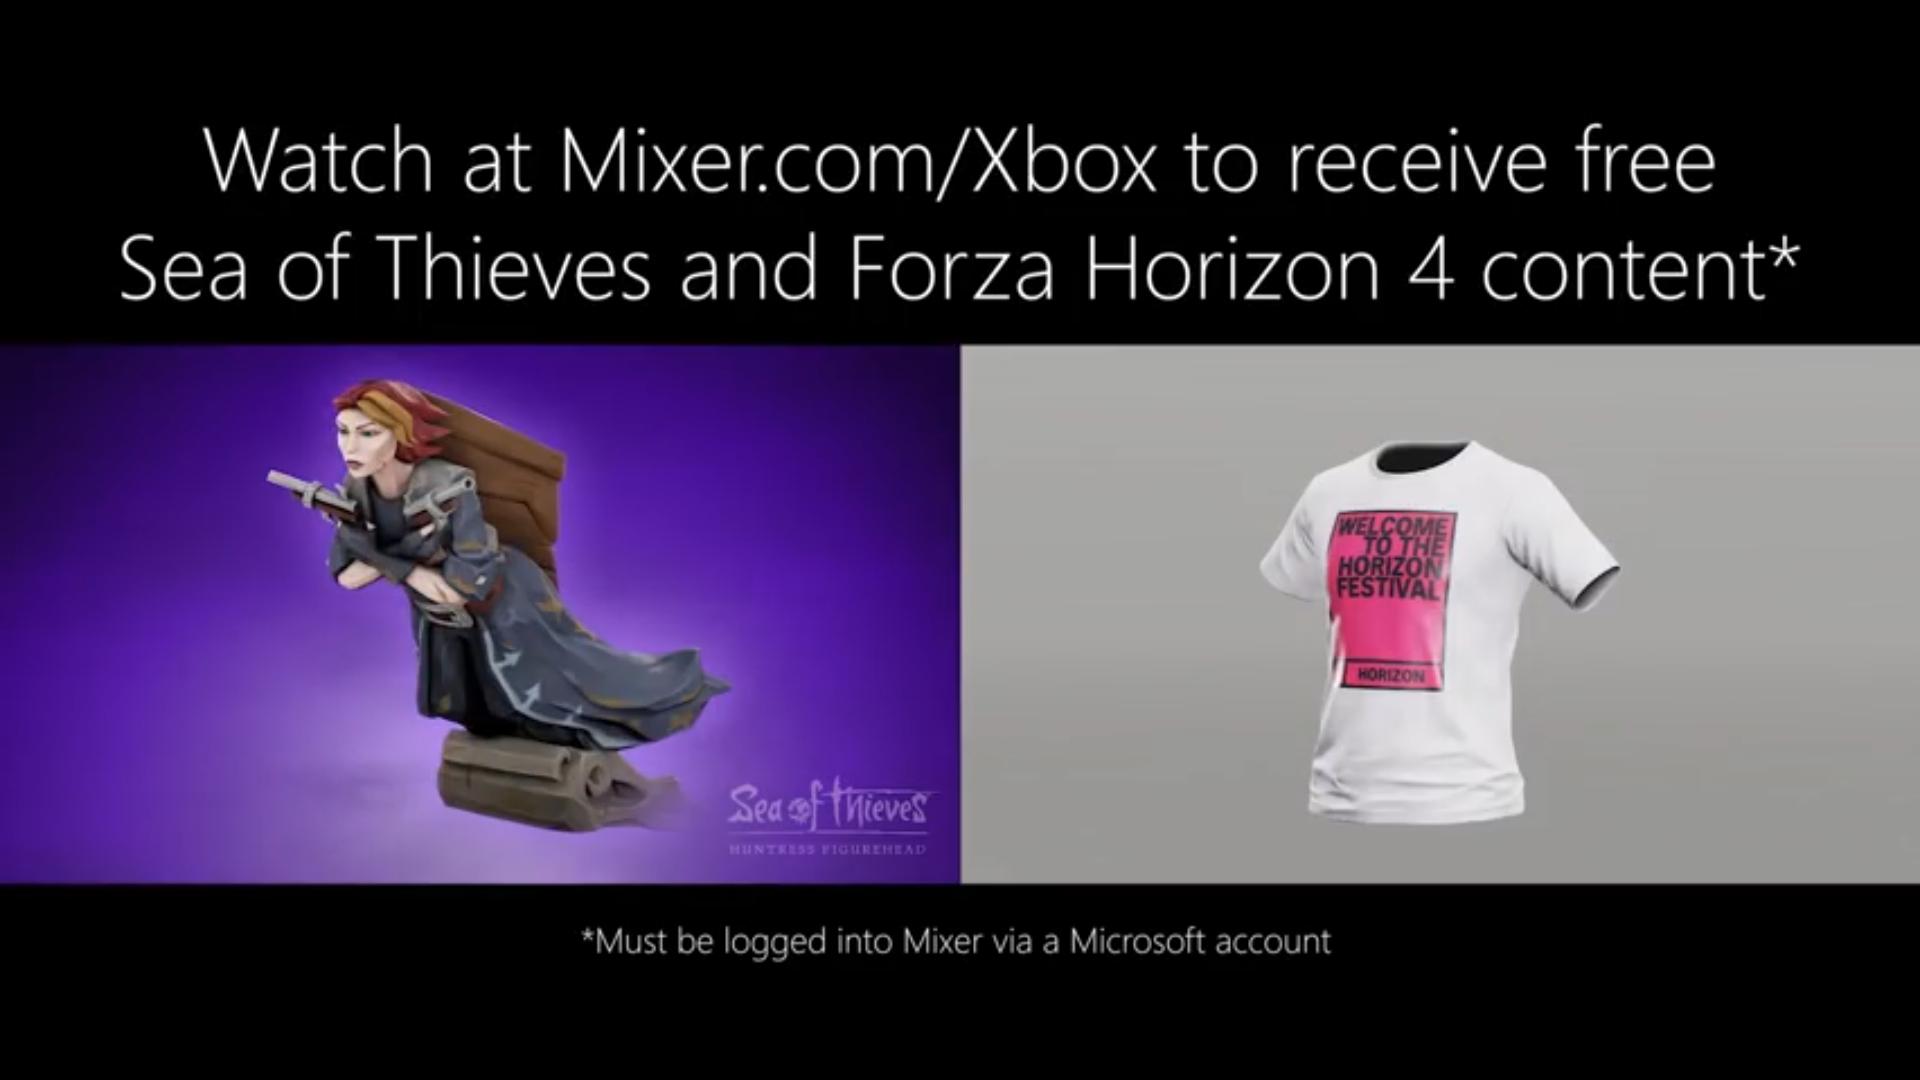 [XBOX] Kostenlose In-Game Gegenstände für Sea of Thieves und Forza Horizon 4